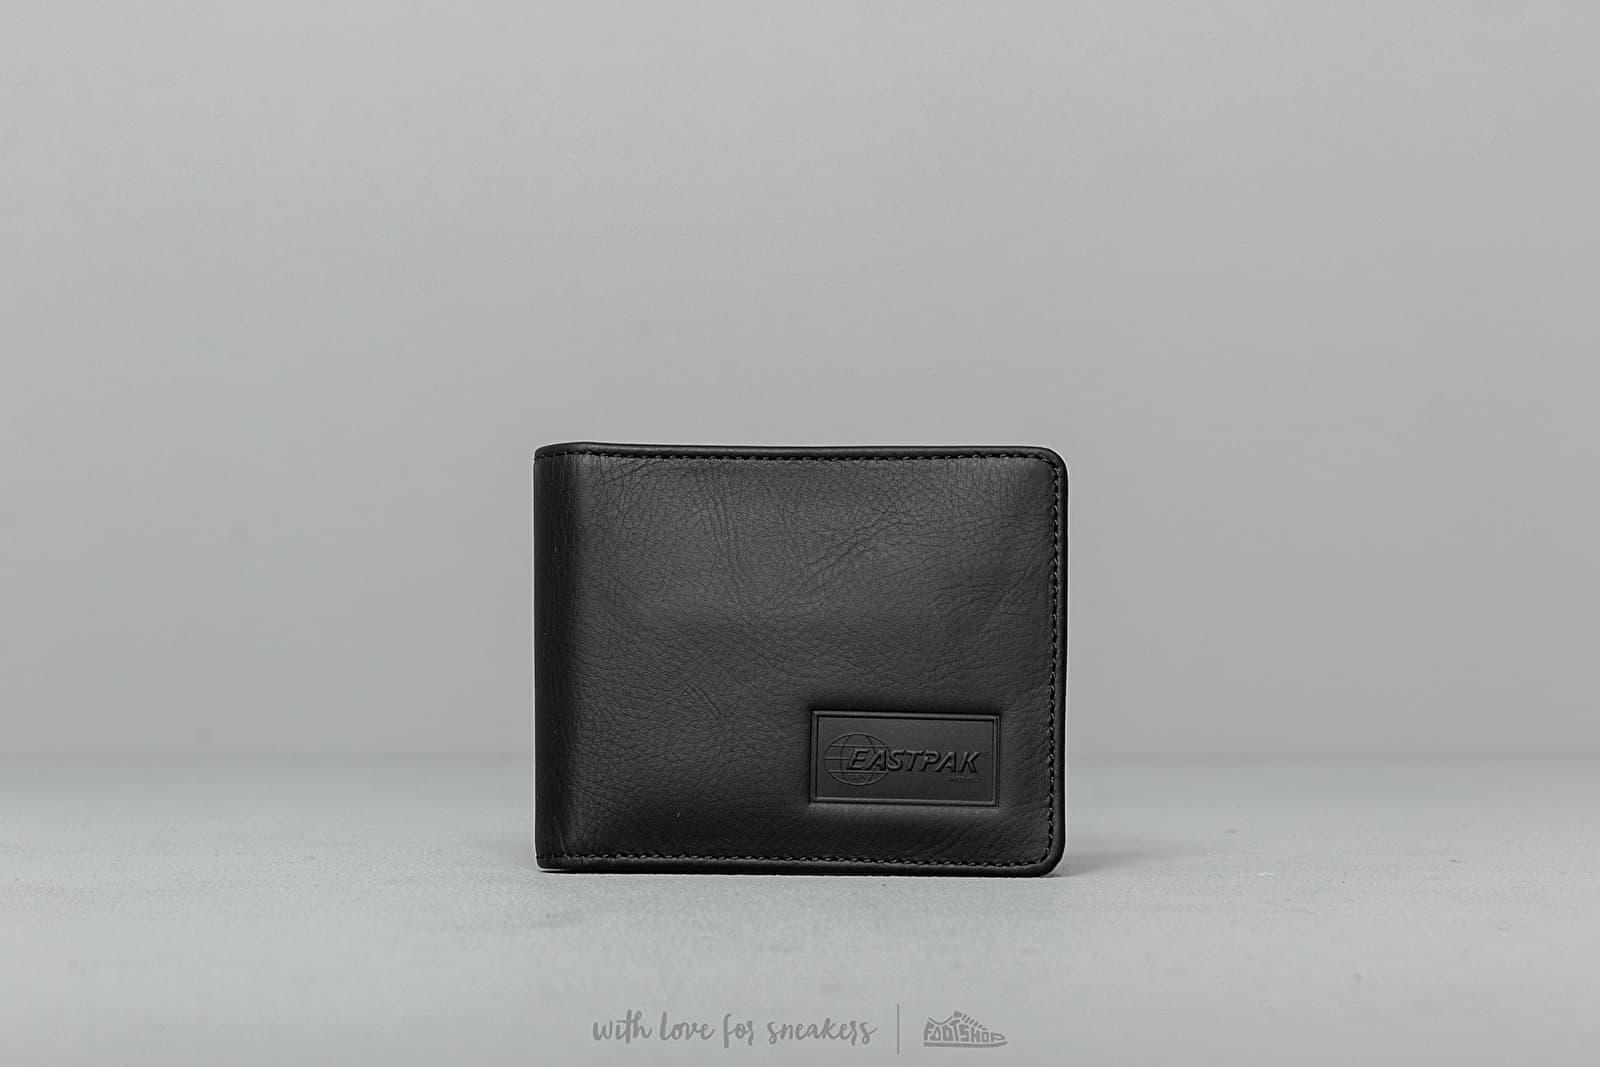 EASTPAK Drew RFID Wallet